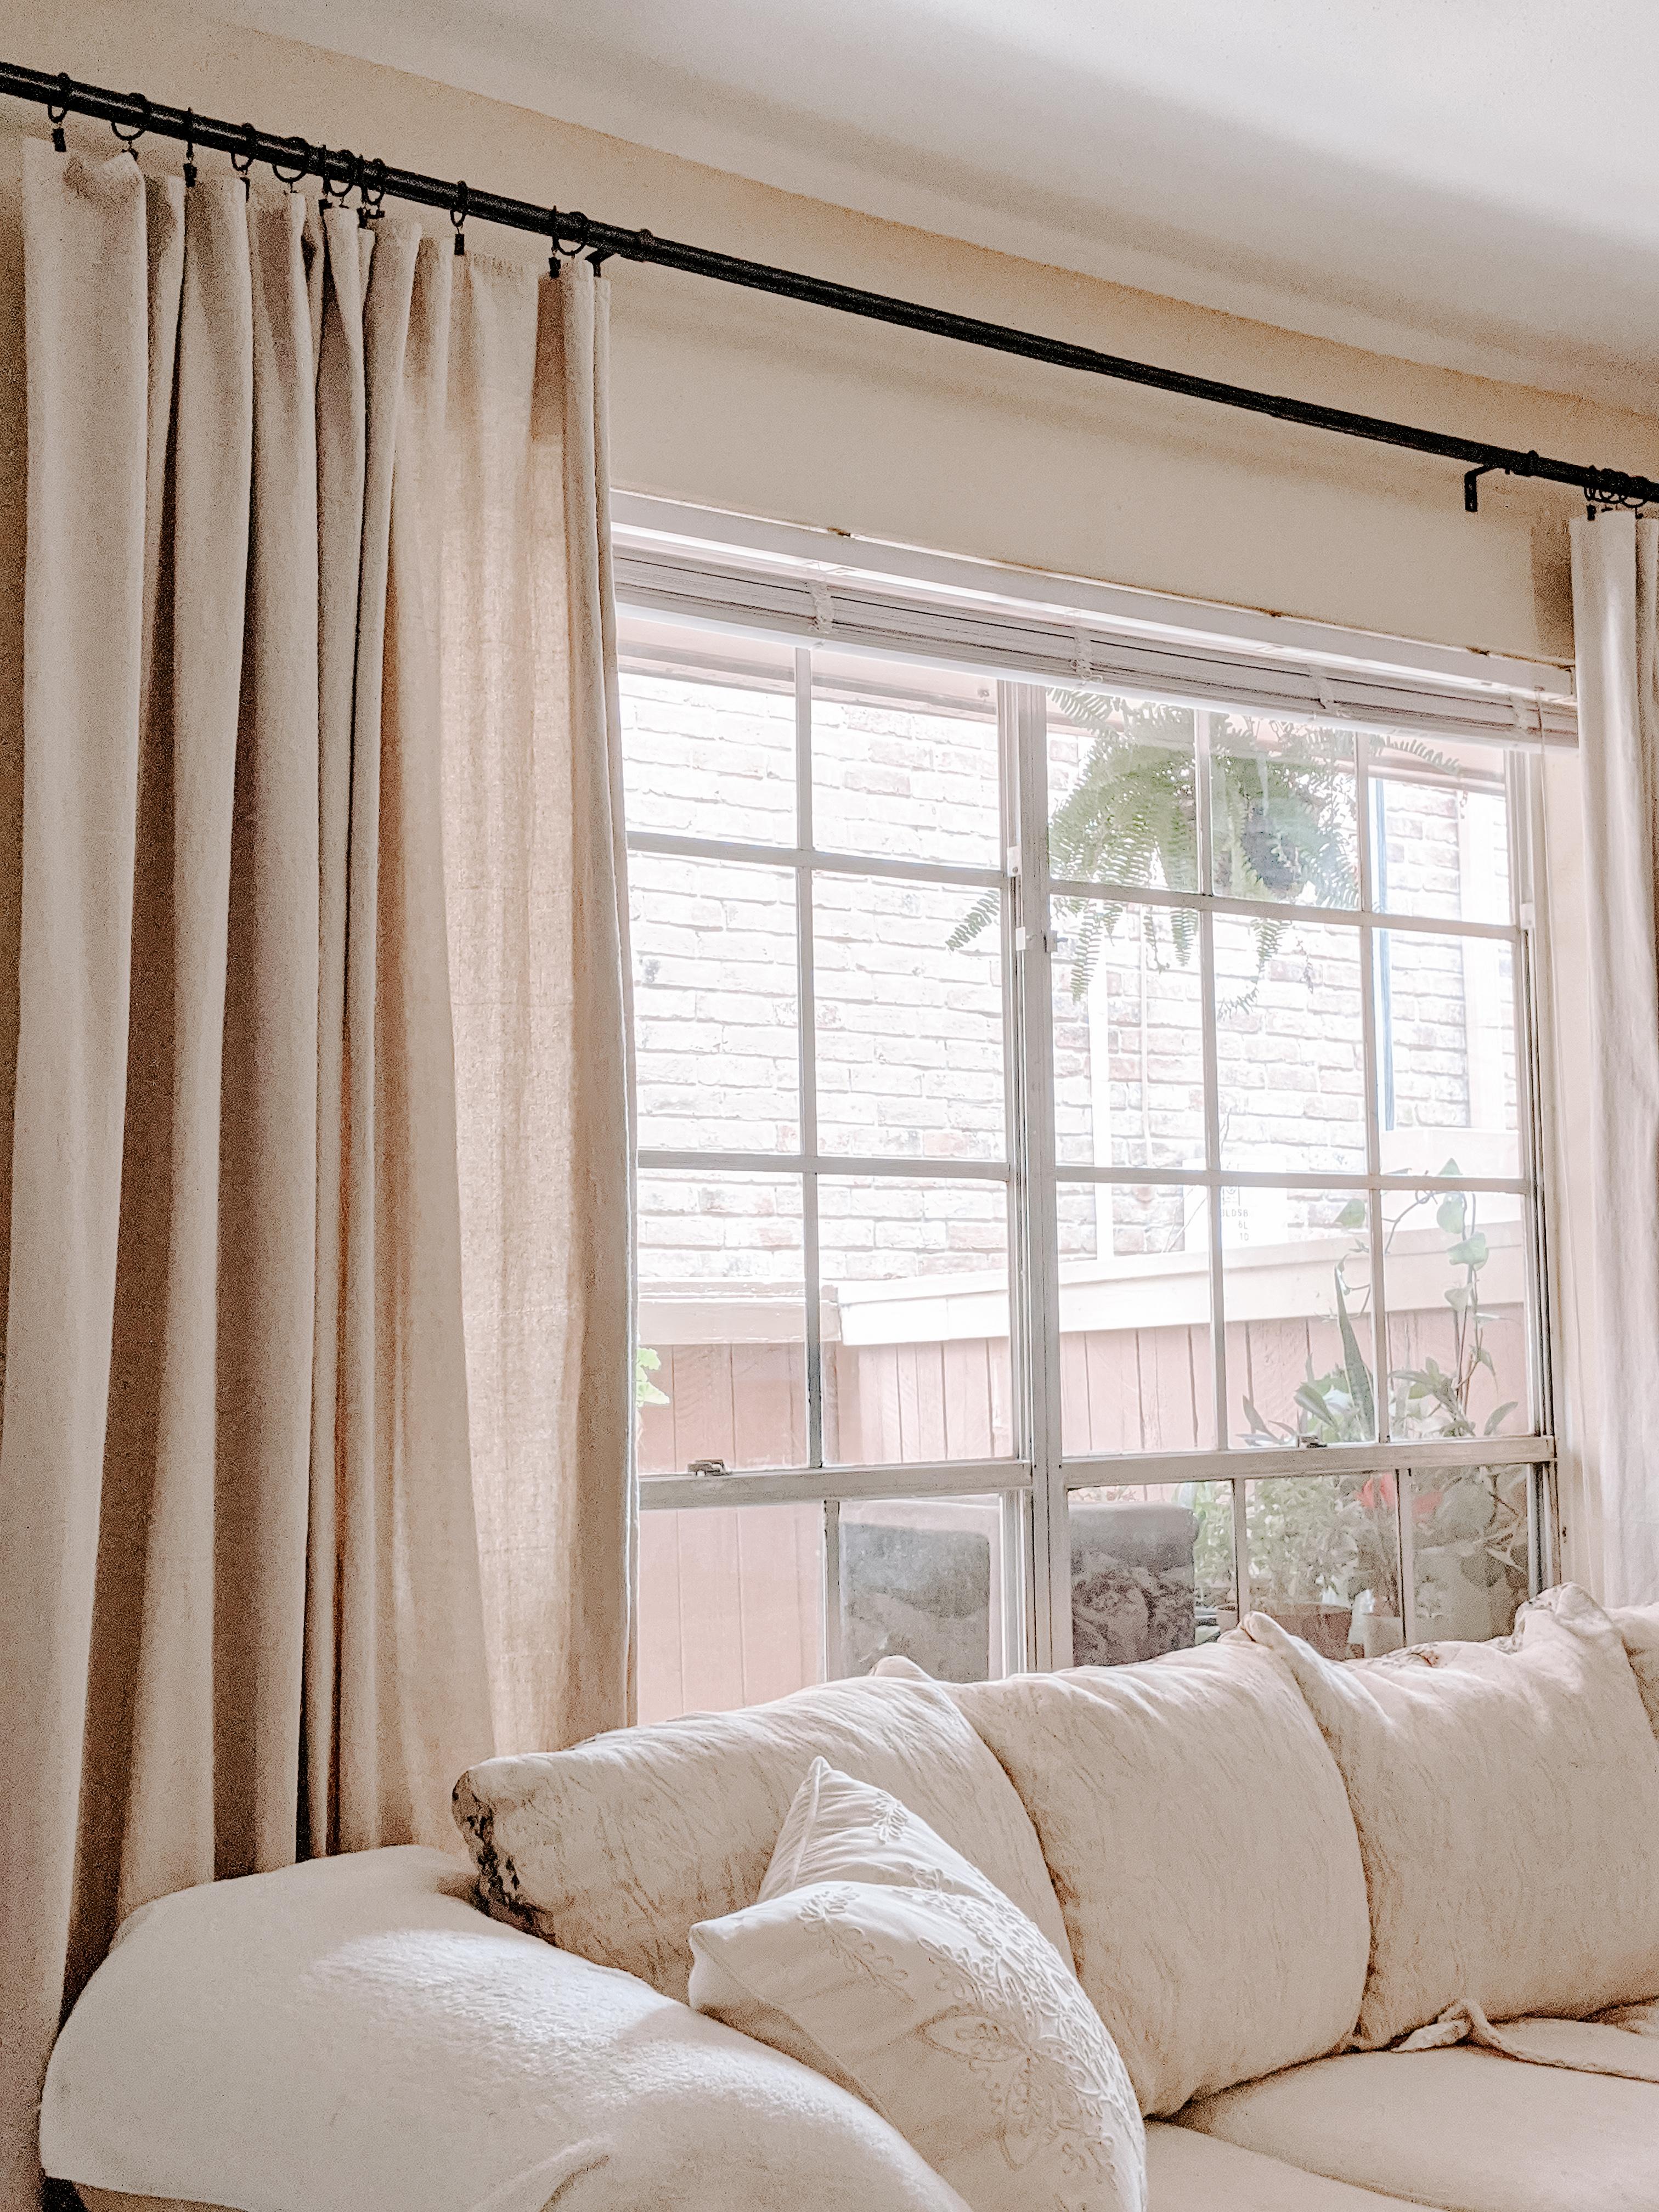 Diy No Sew Canvas Drop Cloth Curtains M E T H O D 3 1